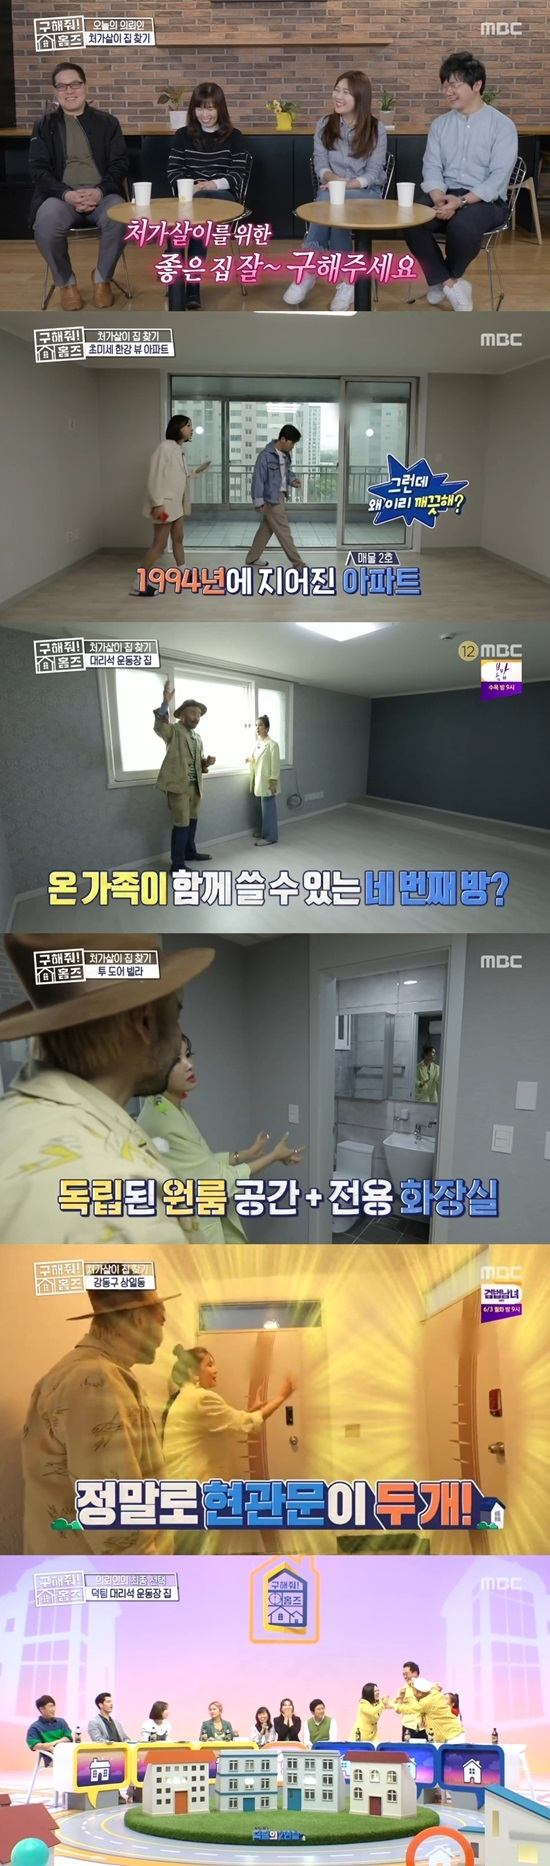 '구해줘 홈즈' 한 지붕 두 가족 집찾기 성공…시청률 9주 연속 1위